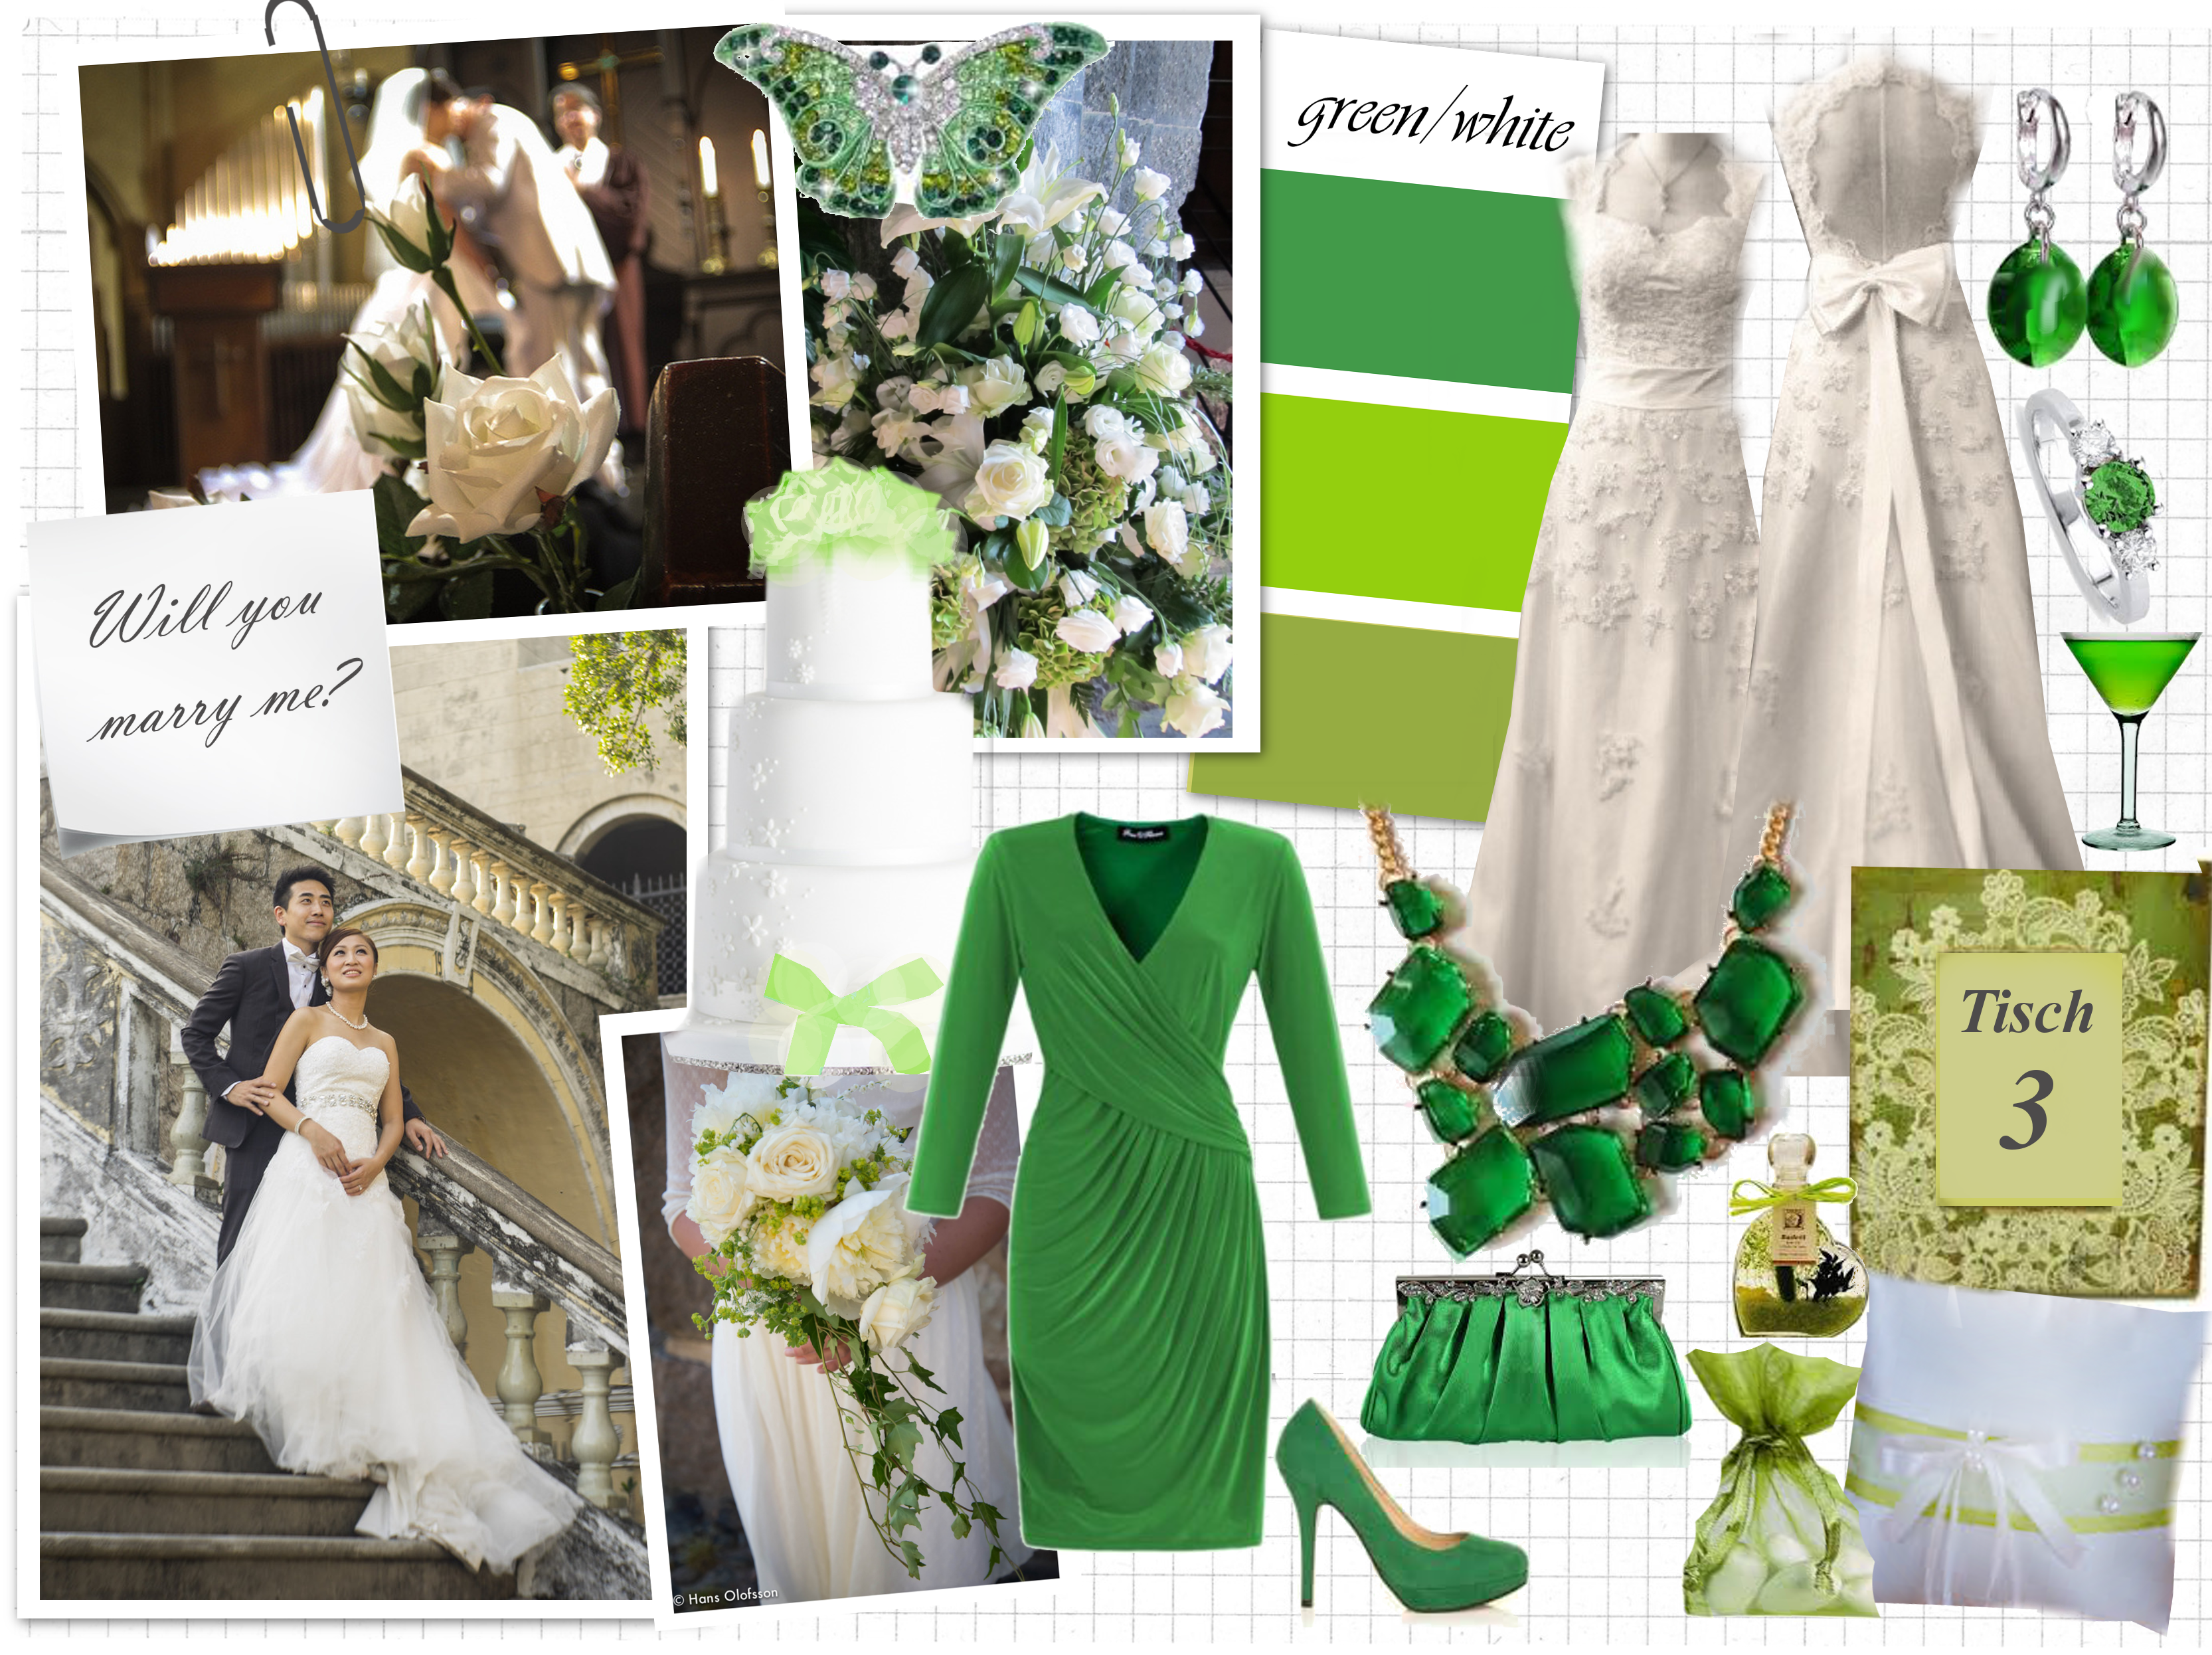 Hochzeit in grün/weiß